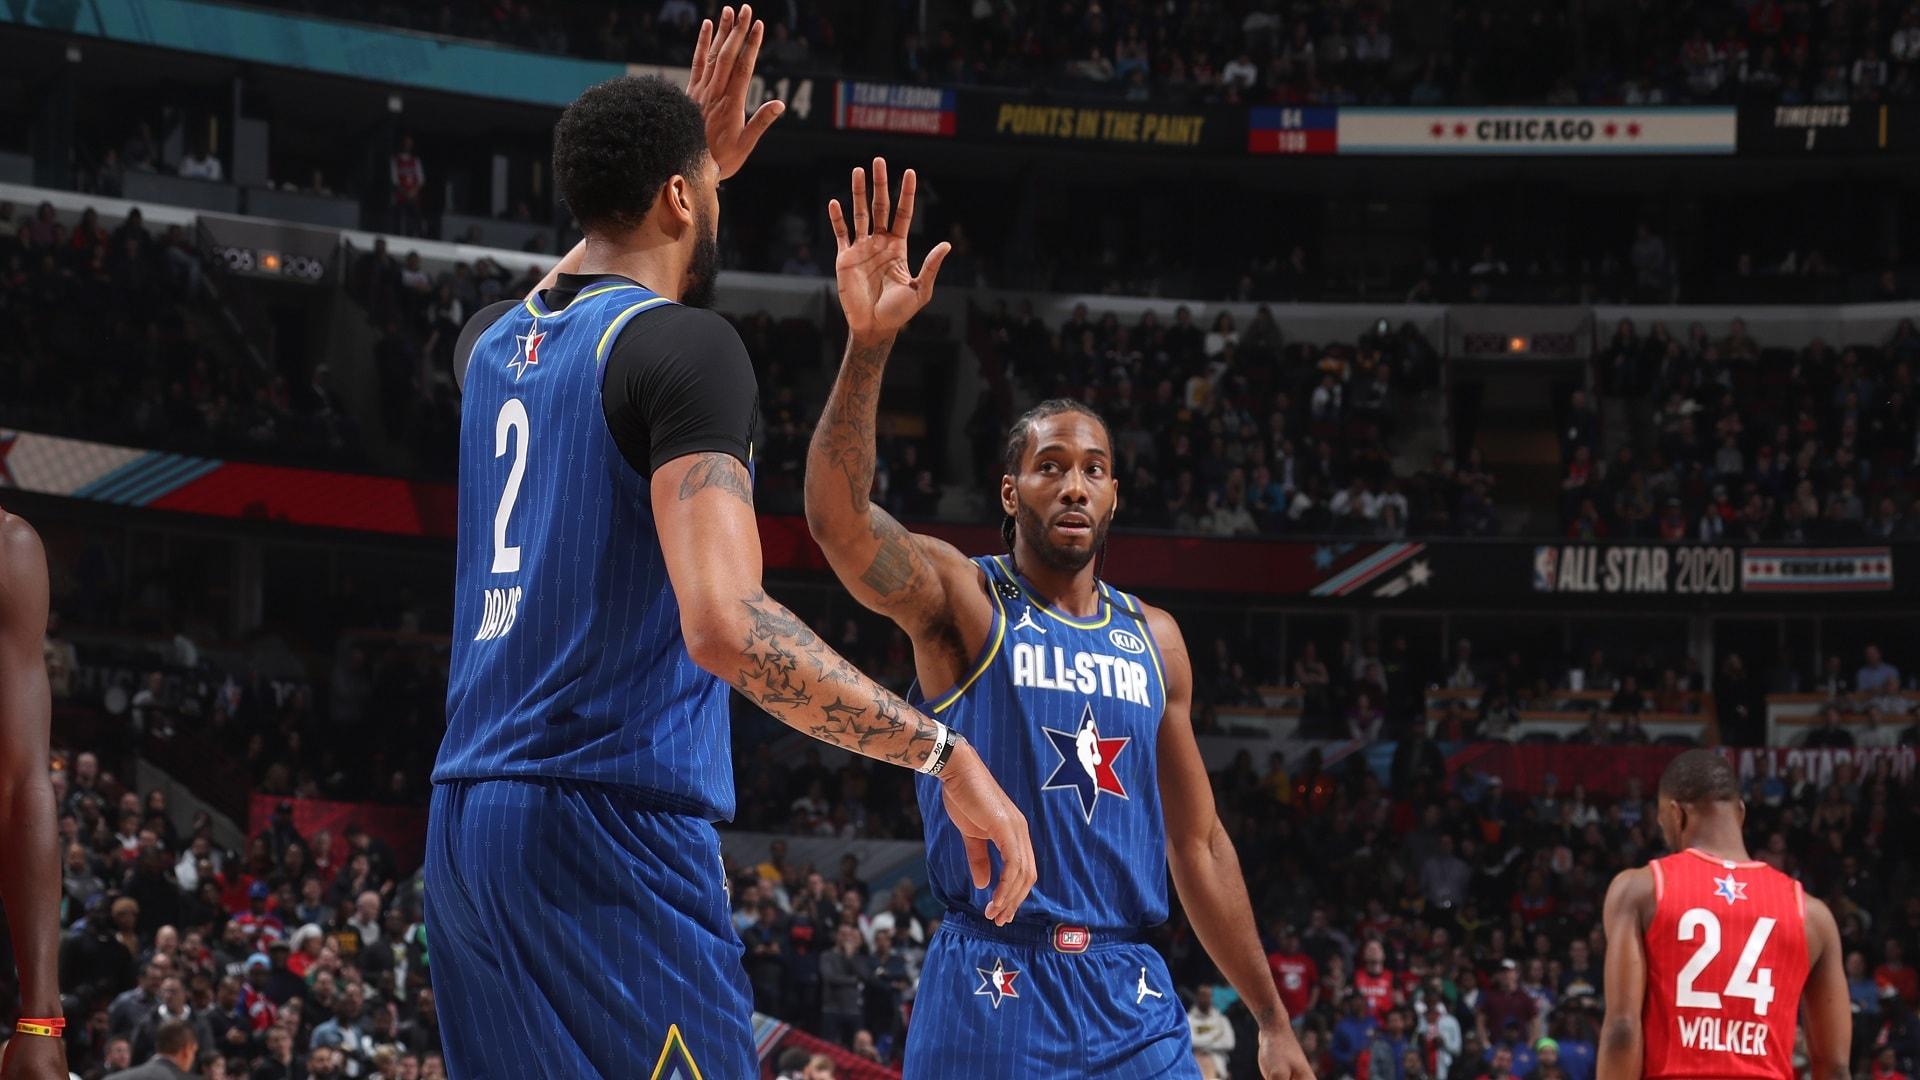 2020 NBA All-Star recap